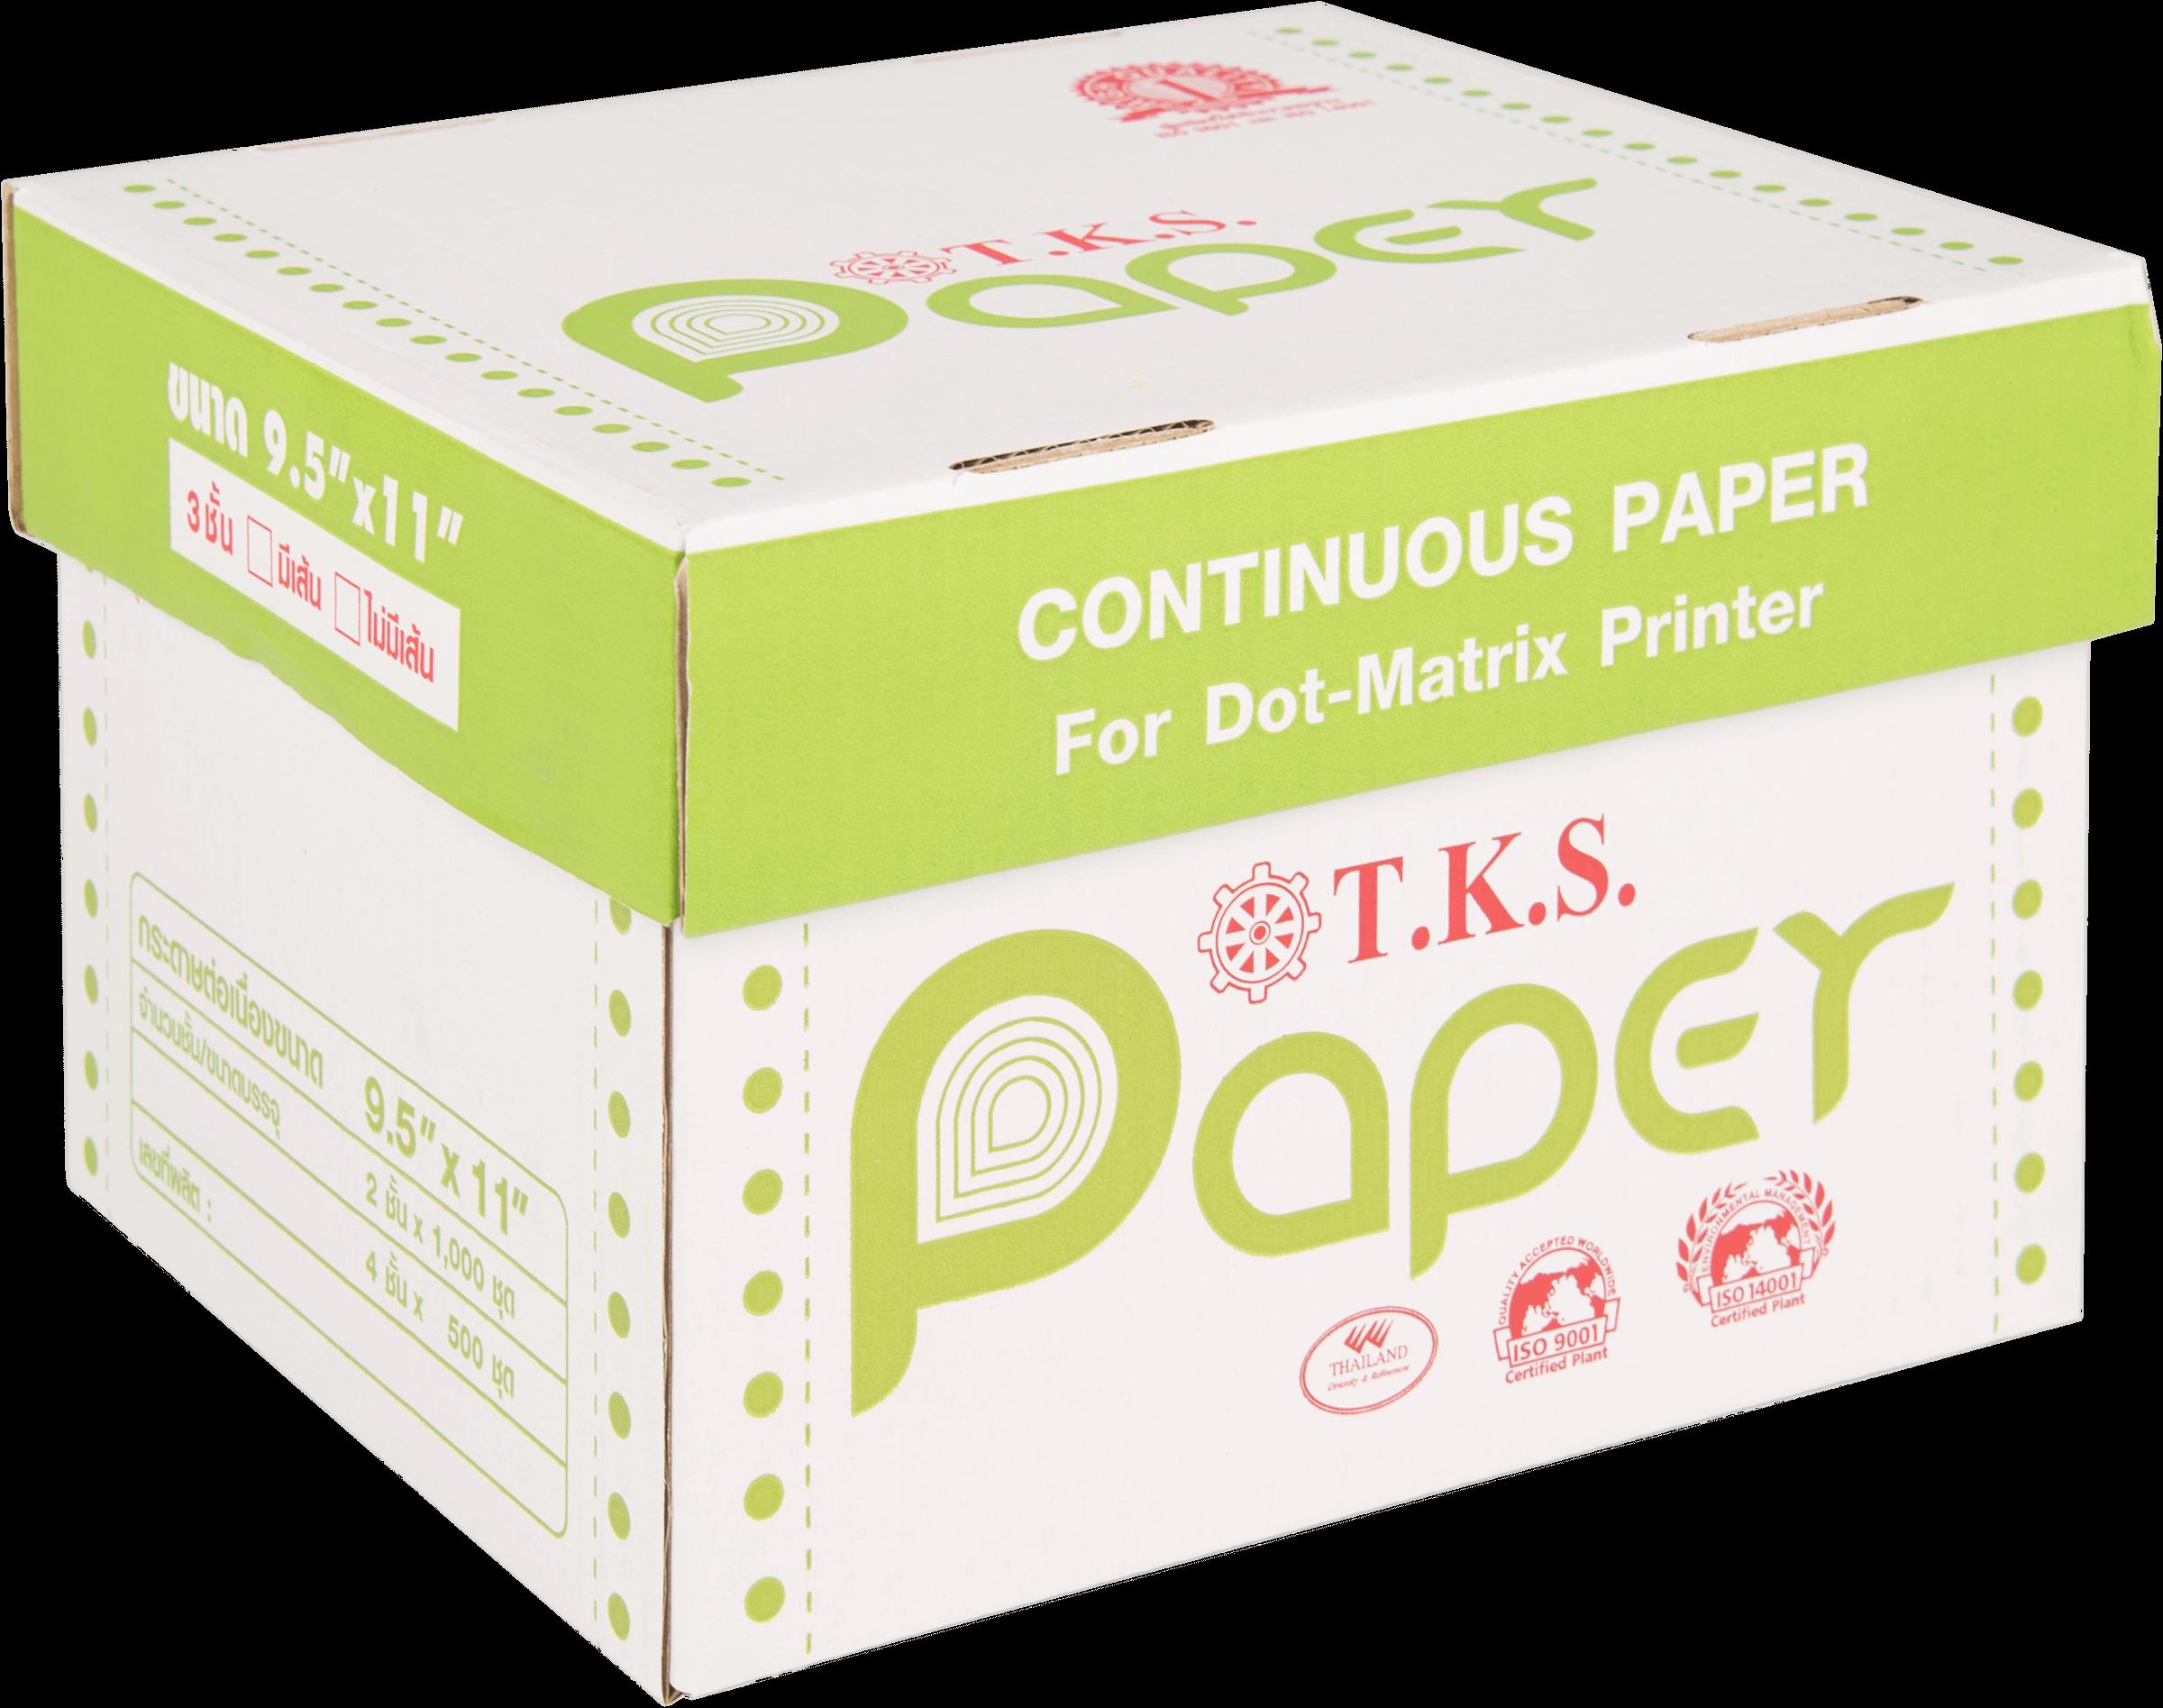 กระดาษต่อเนื่อง ที.เค.เอส ไม่มีเส้น 9.5 นิ้วx11 นิ้ว 3 ชั้น